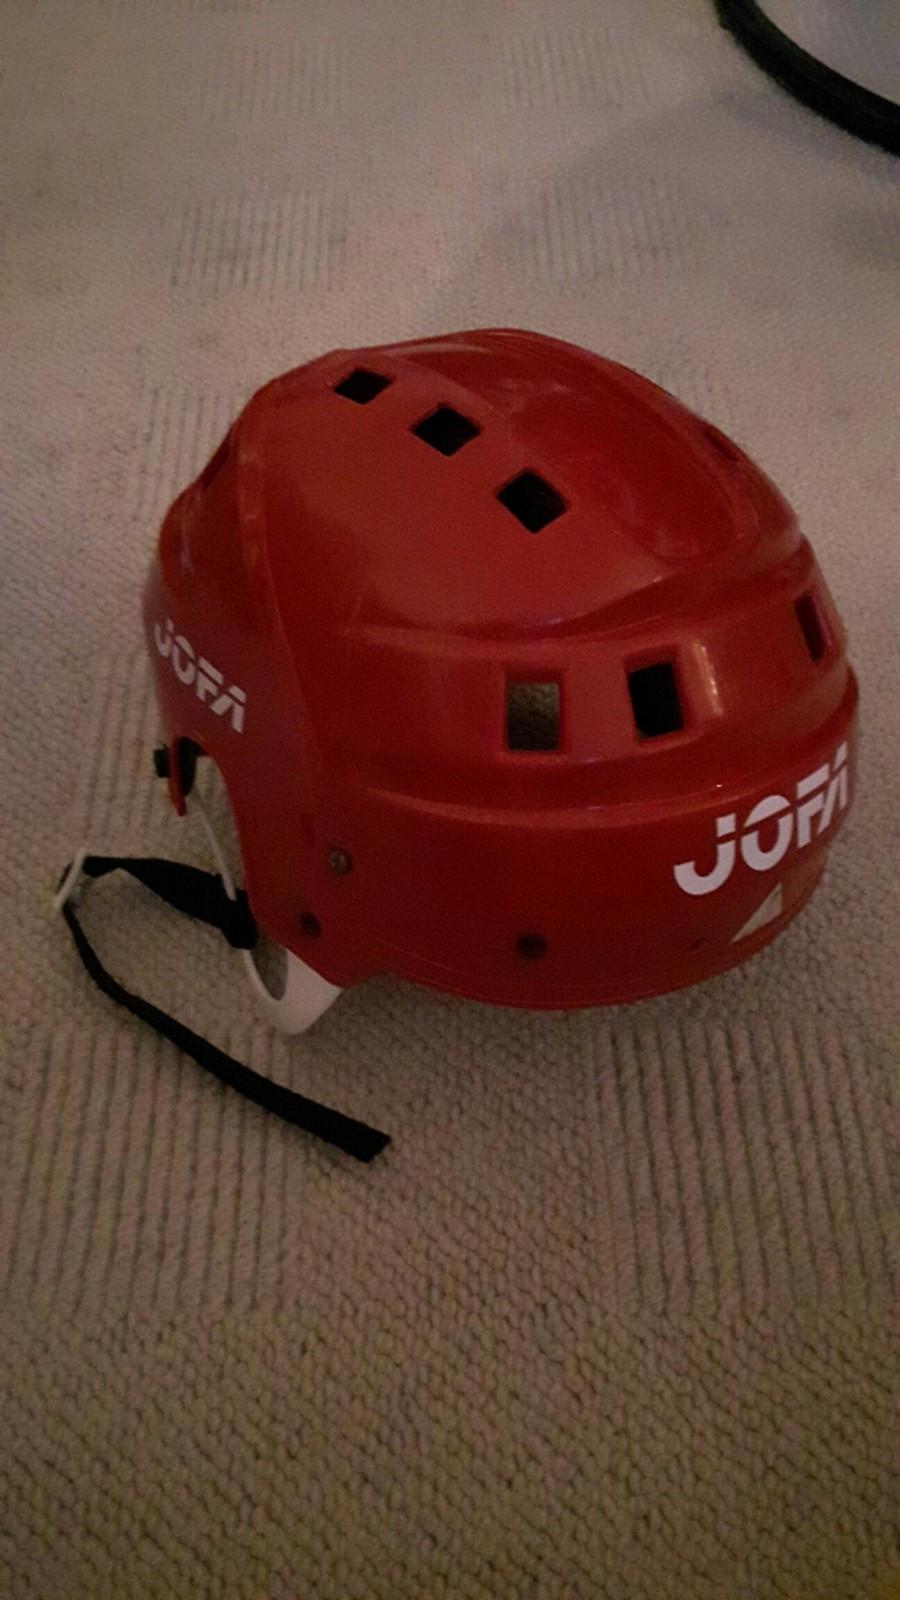 Jofa lekehjelm for skøytesport - Oslo  - Brukt jofa hjelm for f.eks. skøytesport - Oslo